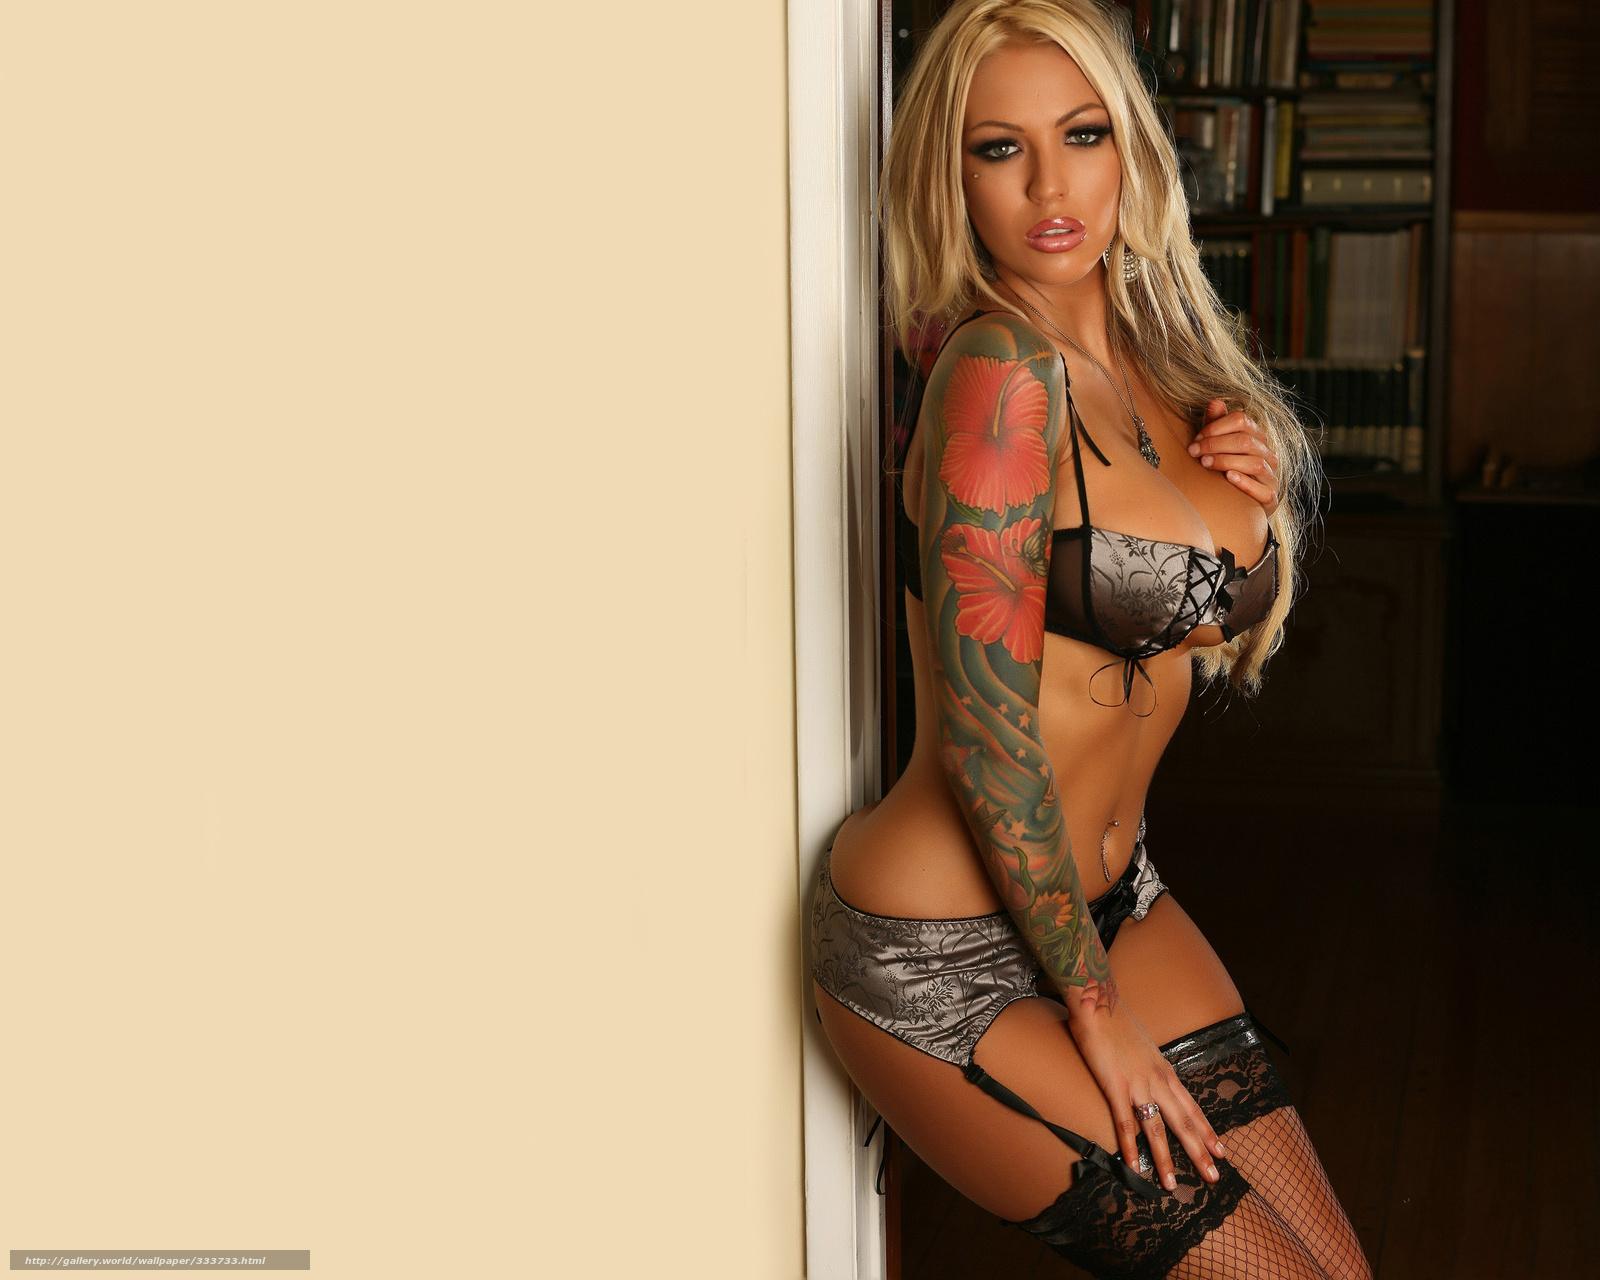 Татуировки на титрах без лифчиков и не закрывая нечем 12 фотография